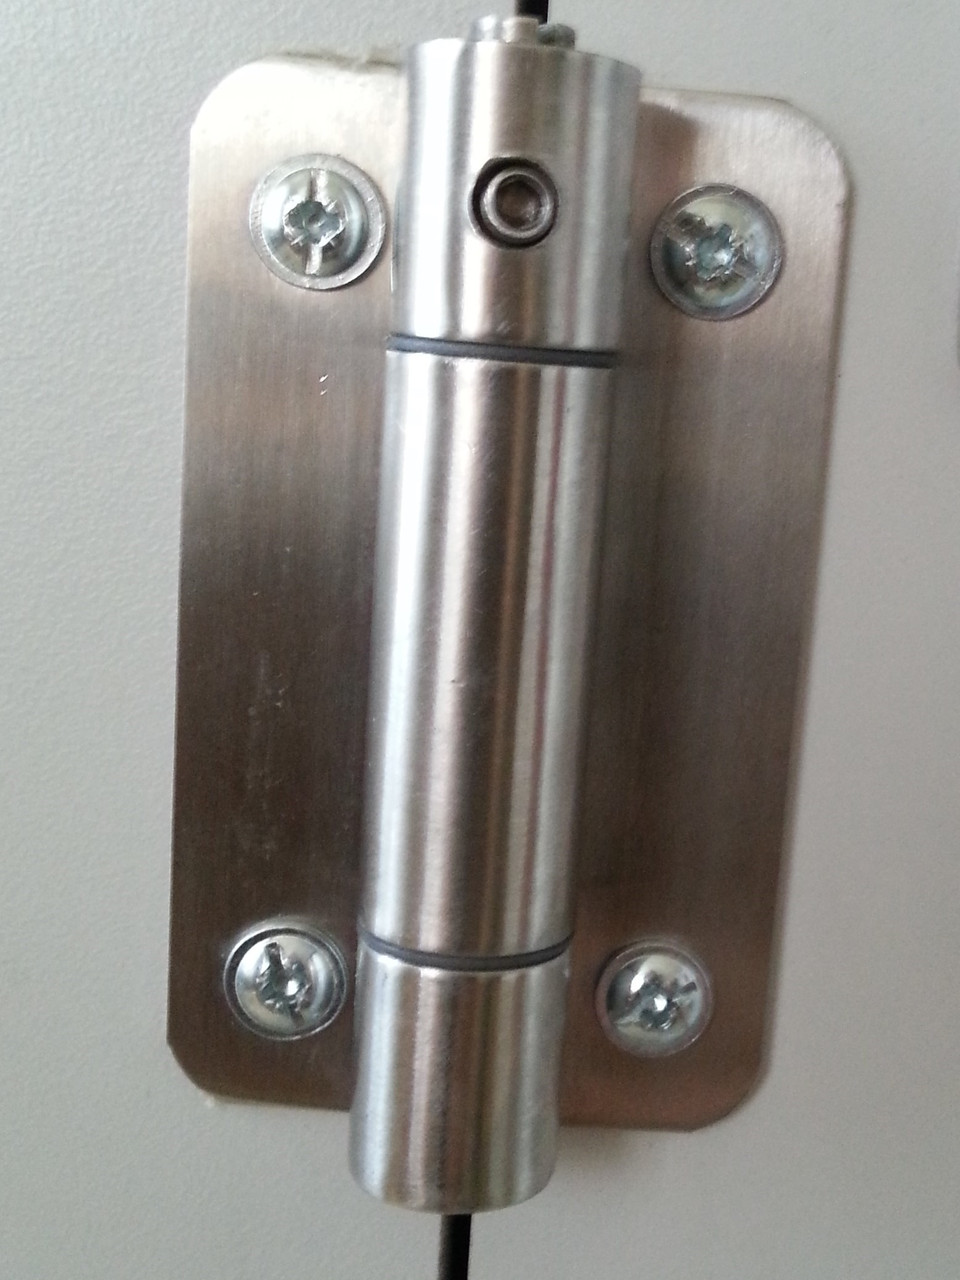 Навес (Петля) для двери сантехнической. Фурнитура металлопласт